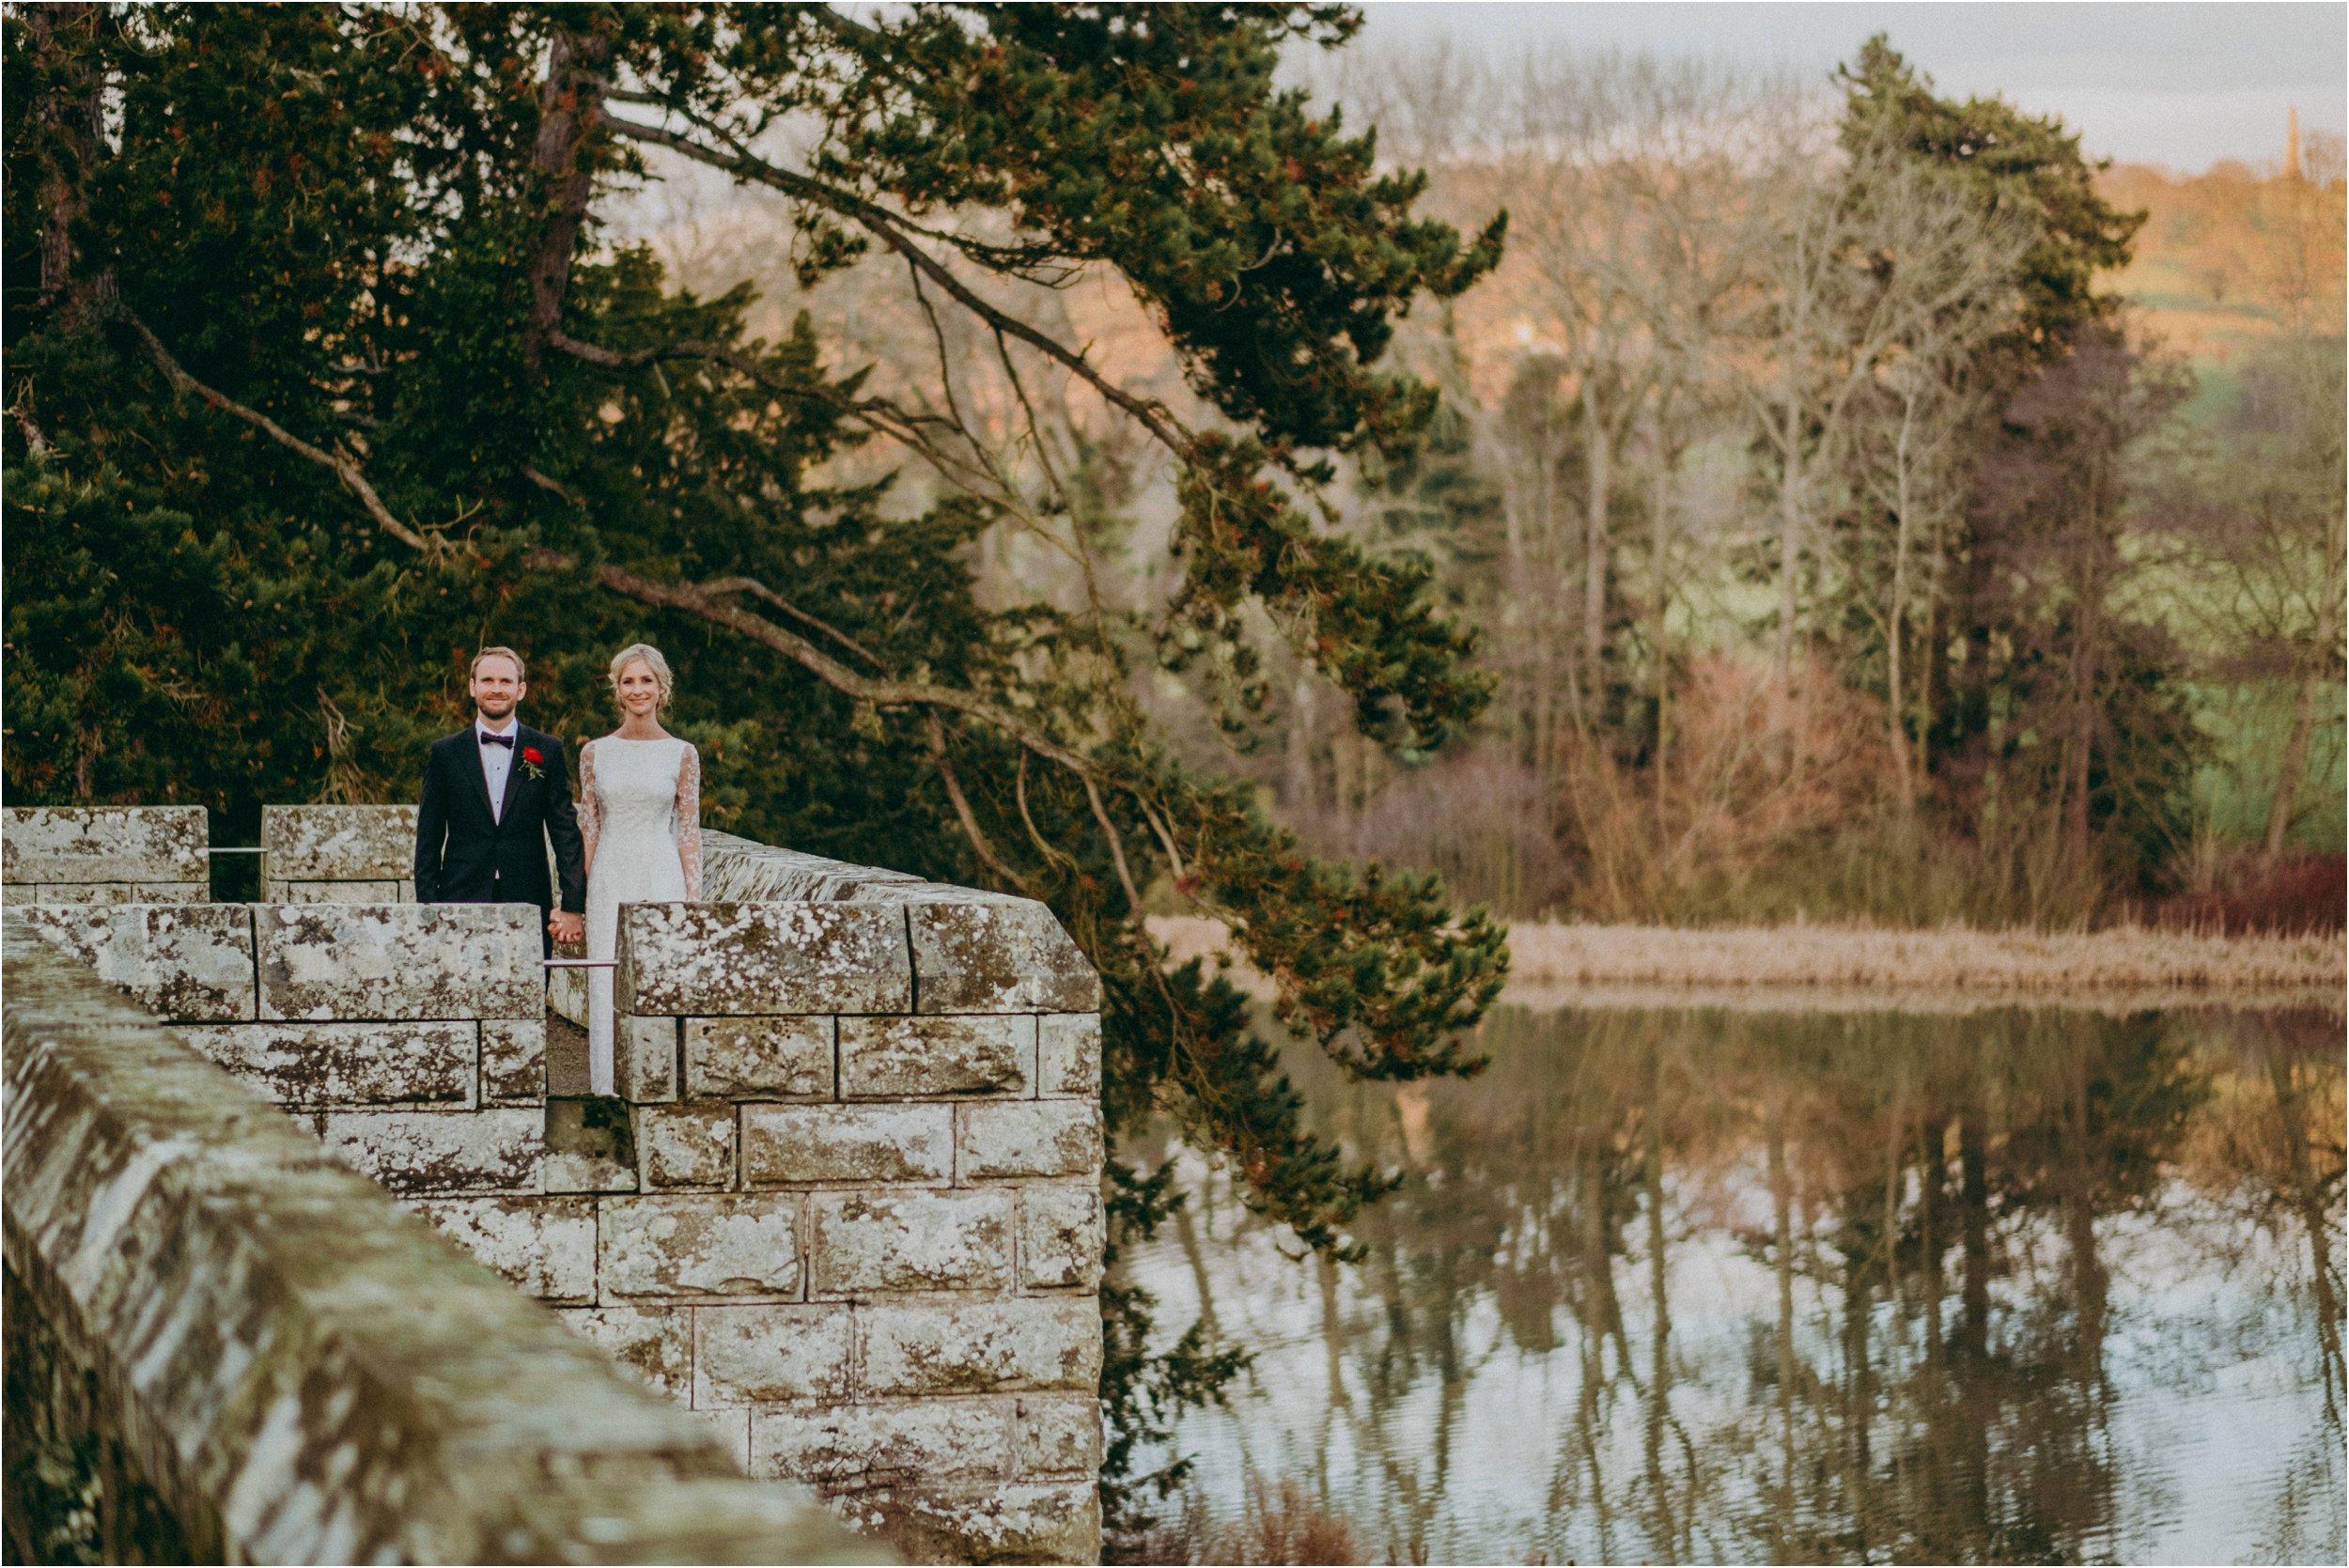 Herefordshire Eastnor Castle wedding photographer_0159.jpg